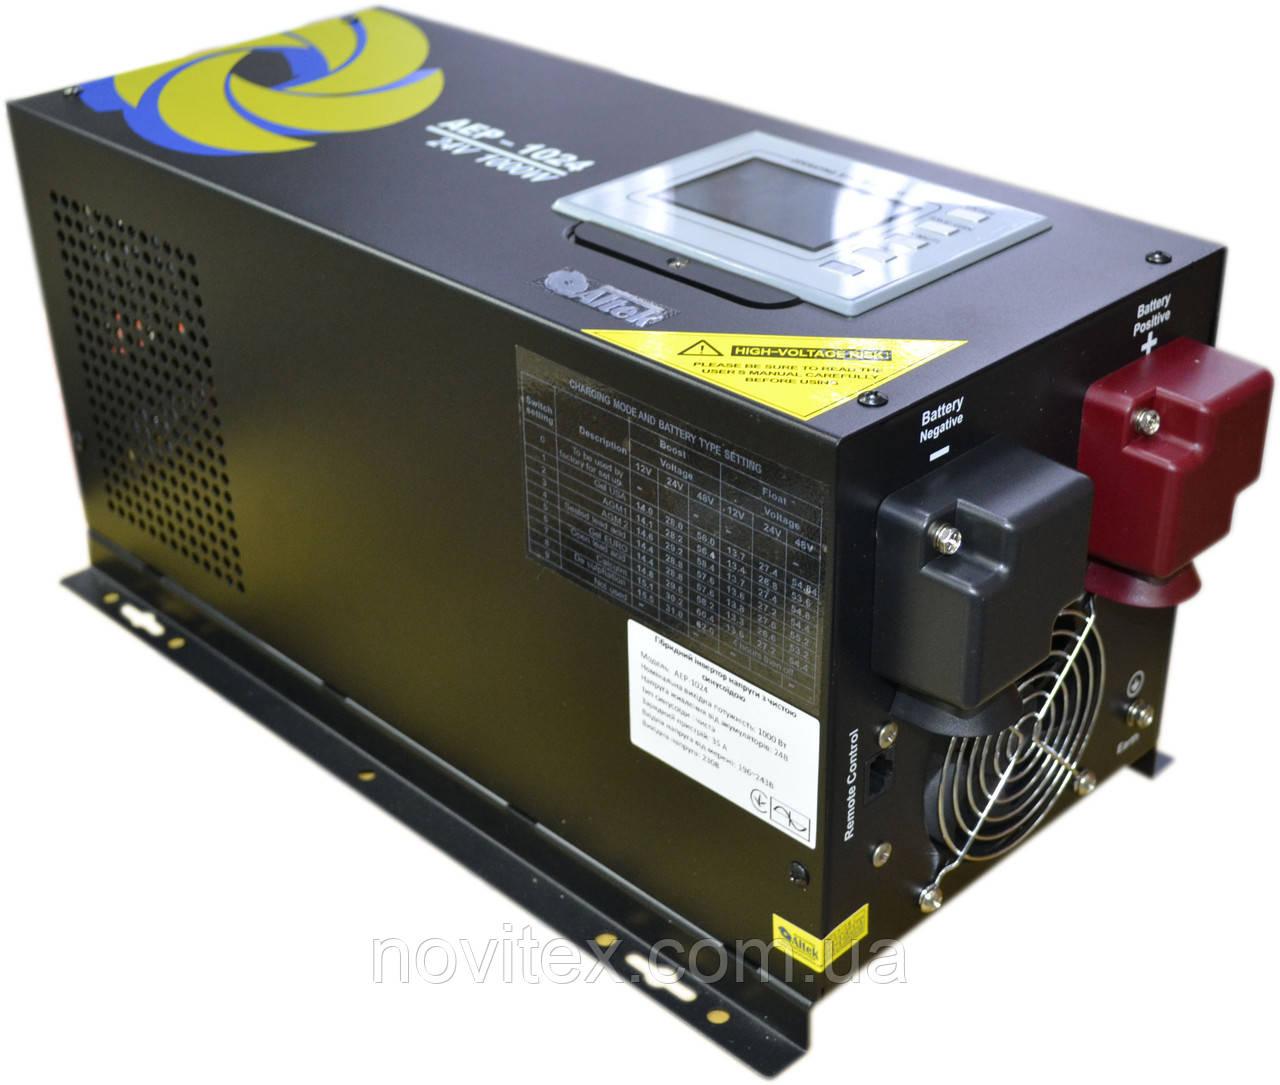 Инвертор Altek AEP-1024, 1000W/24V с функцией ИБП